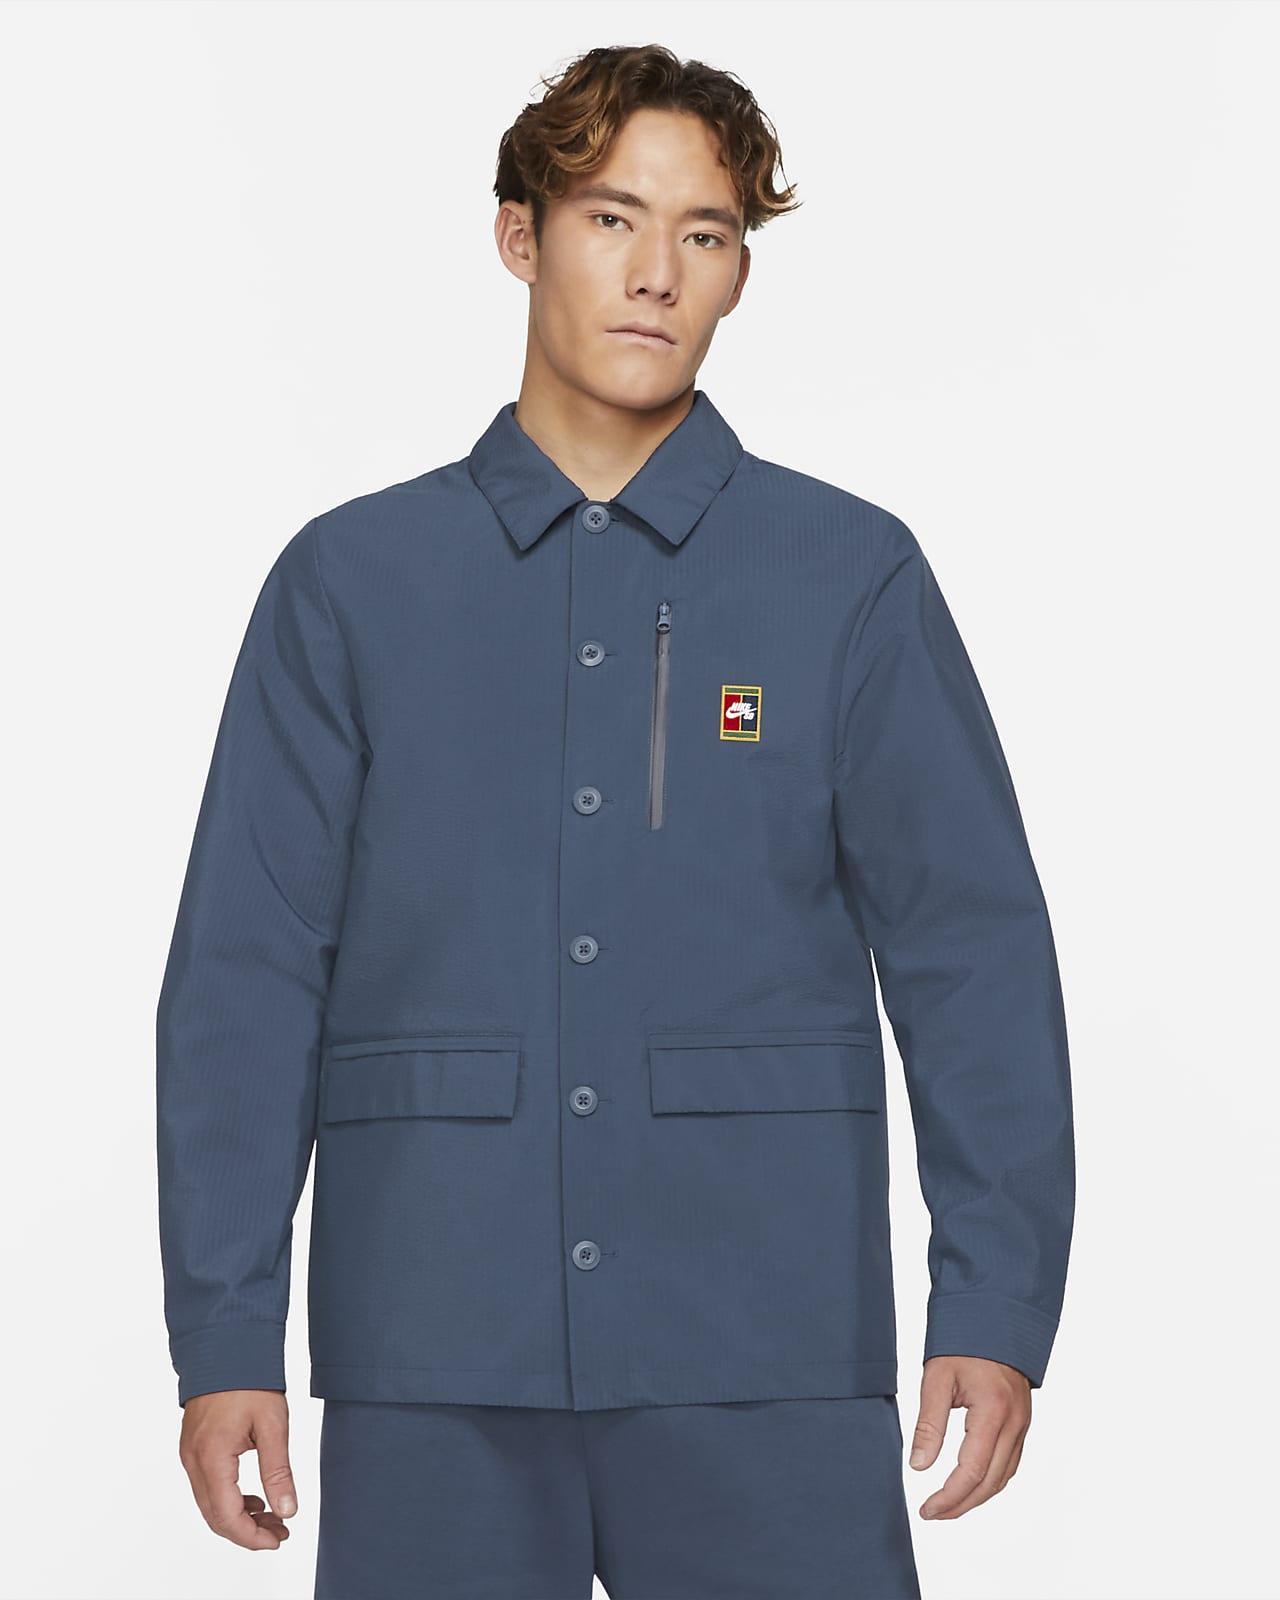 Куртка для скейтбординга Nike SB Storm-FIT